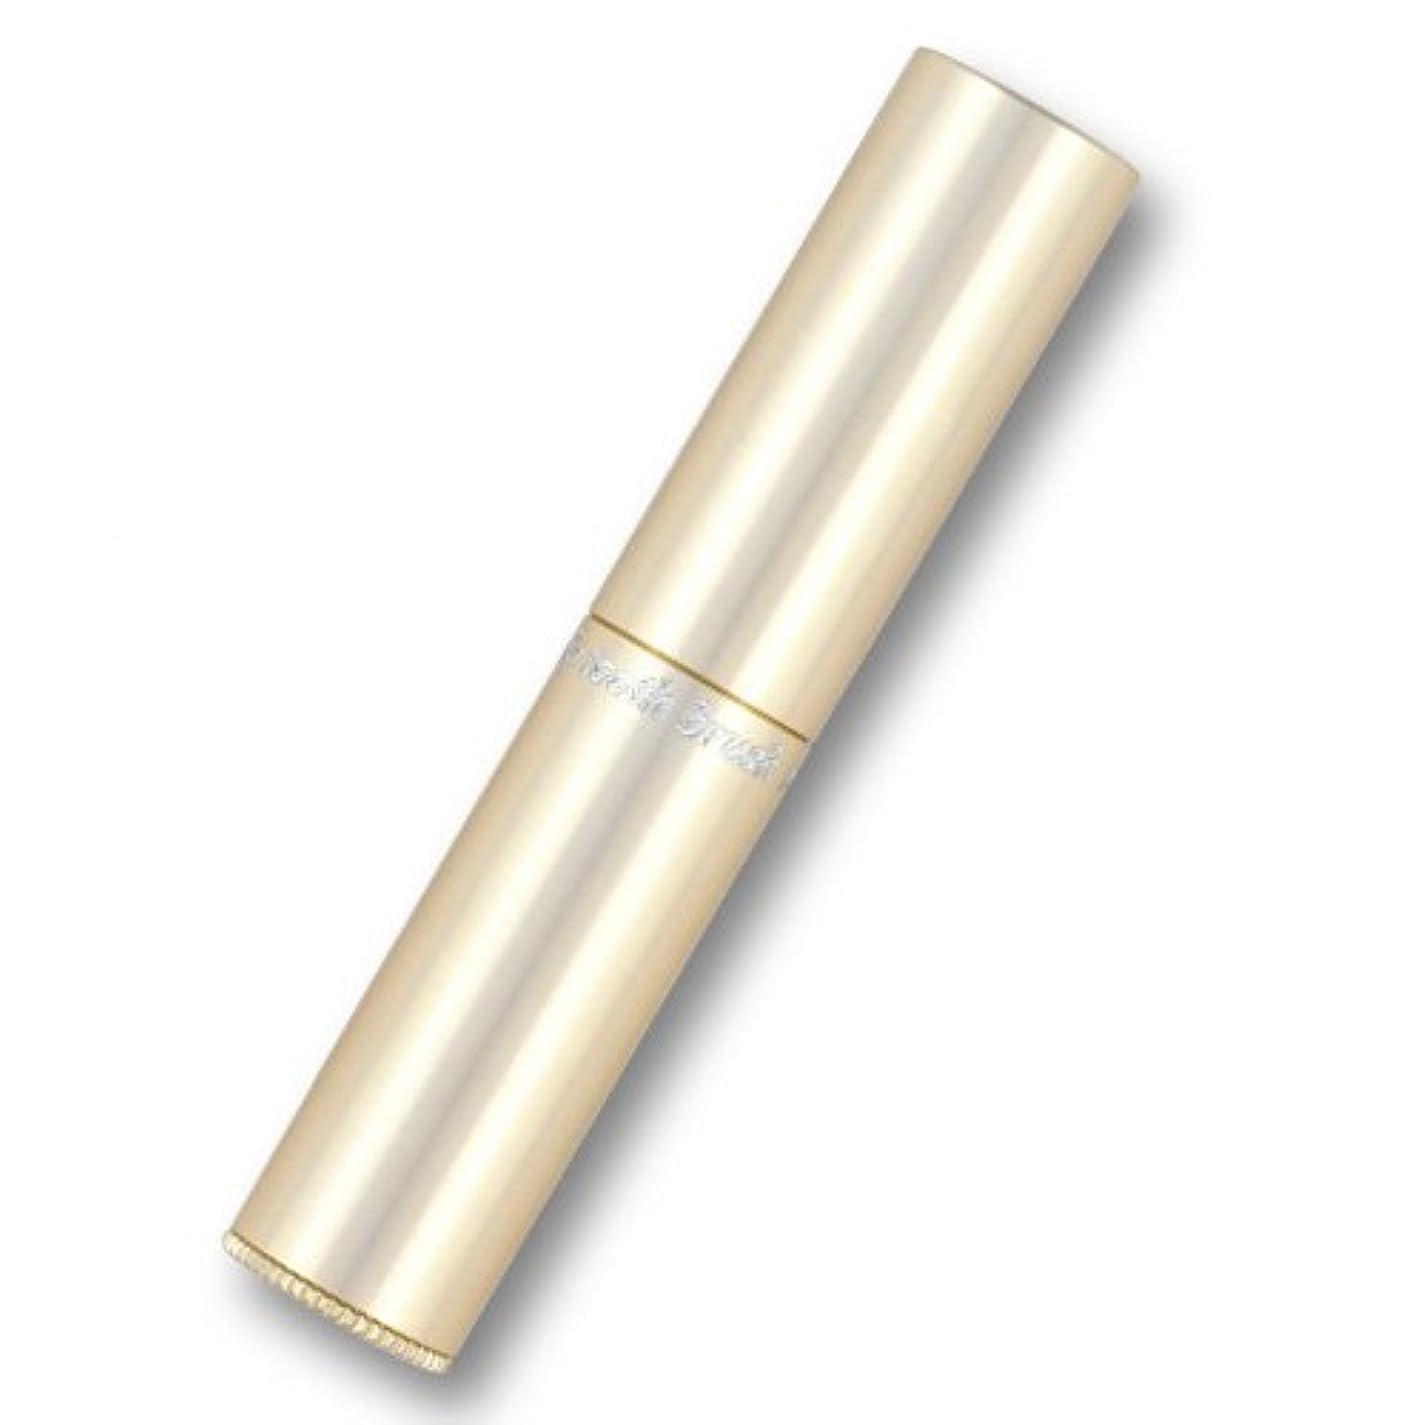 ええフラップユダヤ人携帯歯ブラシ?タベタラmigaCO(シャンパンゴールド)